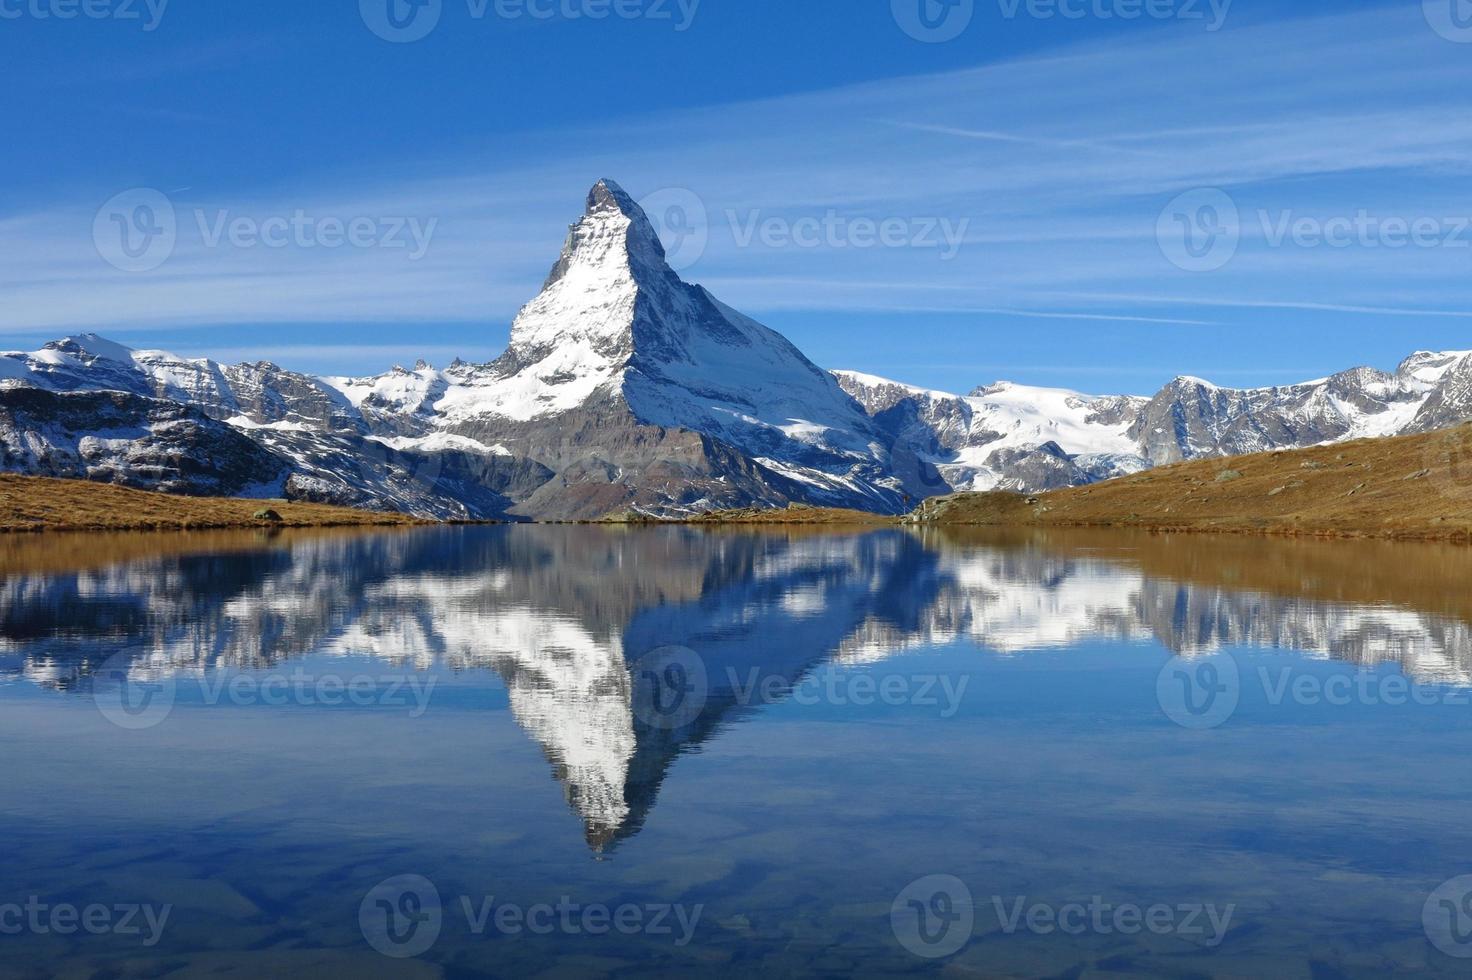 Matterhorn mirroring in lake Stellisee photo